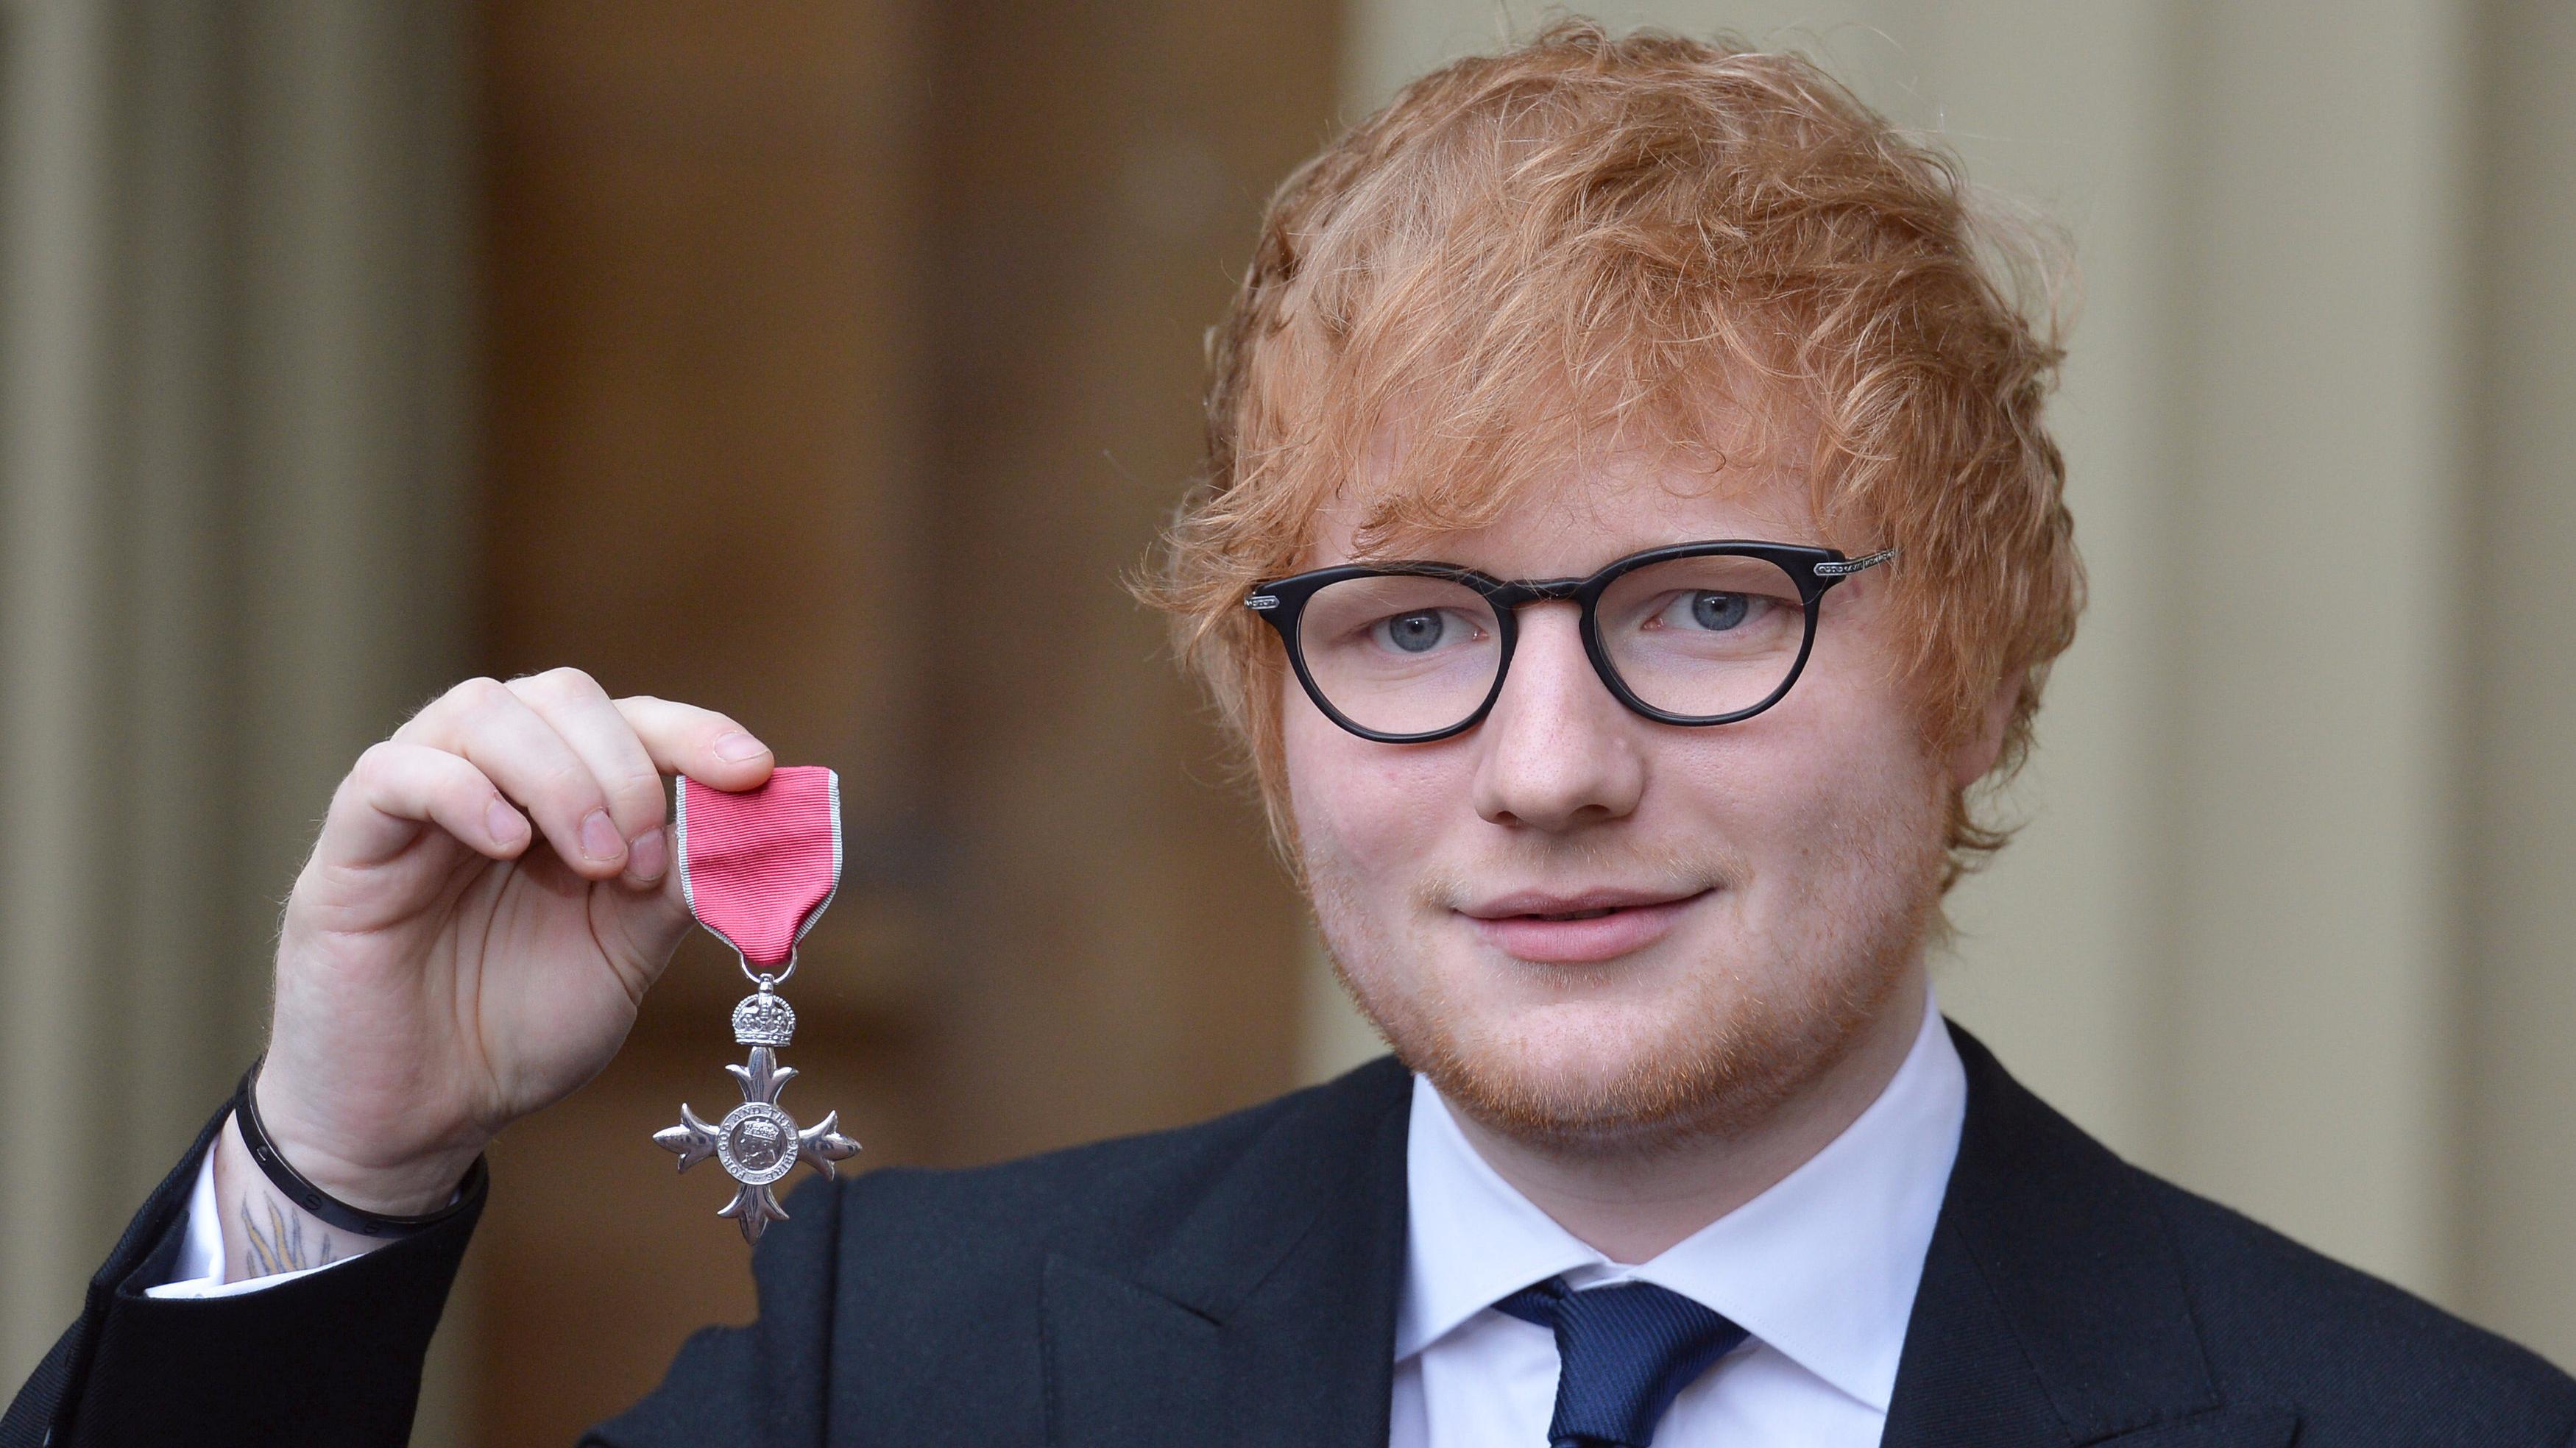 Ed Sheeran Awarded MBE At Buckingham Palace